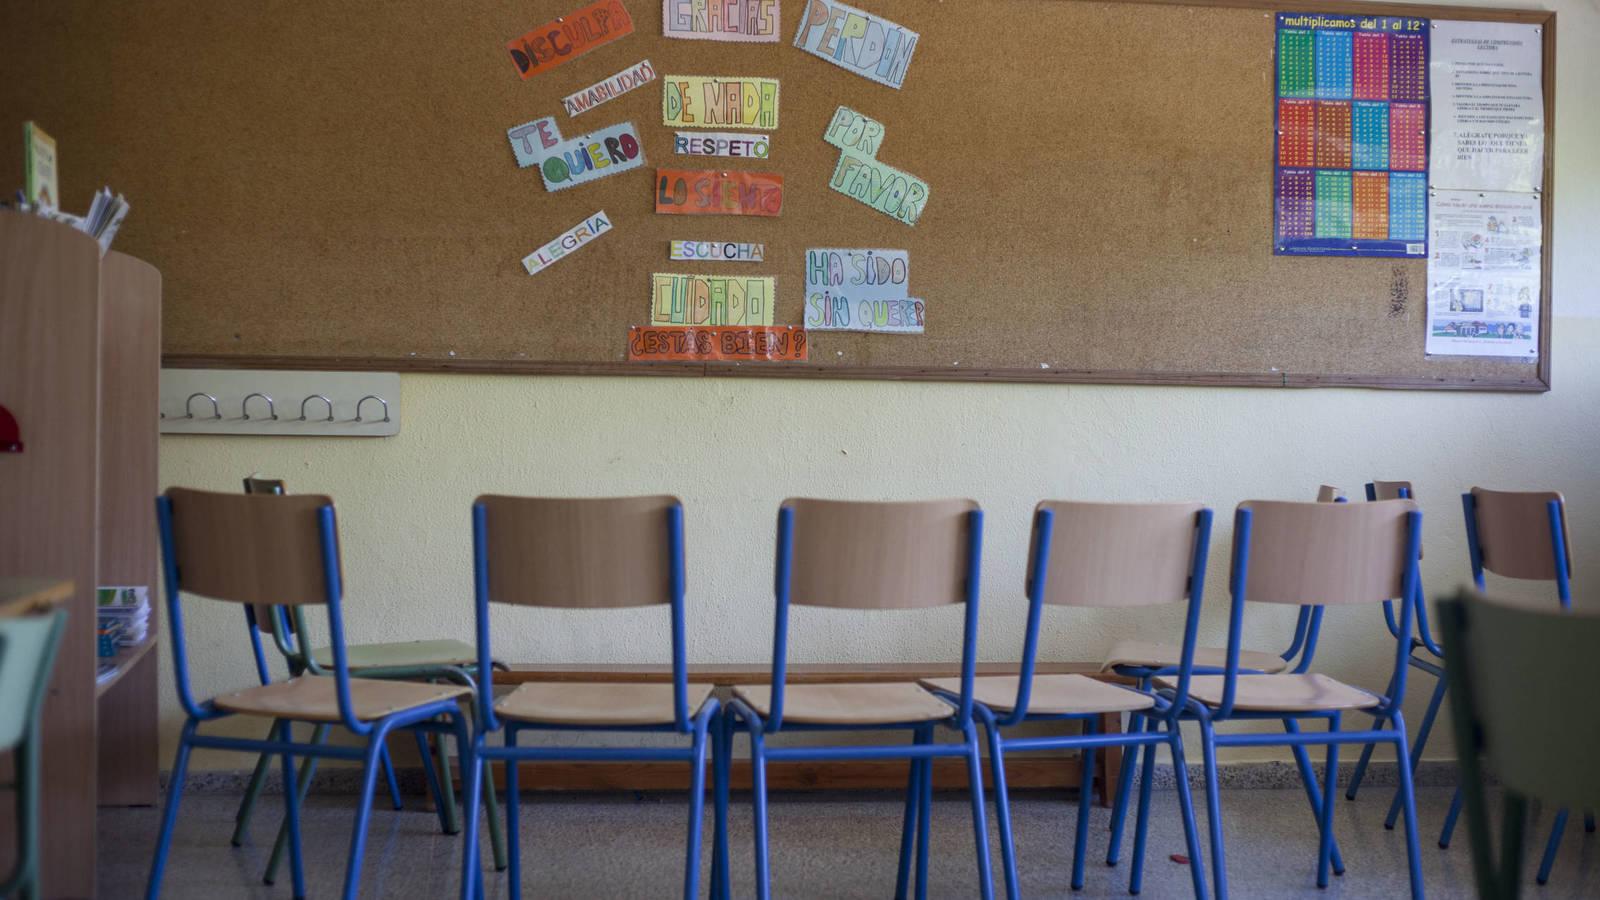 3,4 millones de euros para desinfectar los colegios